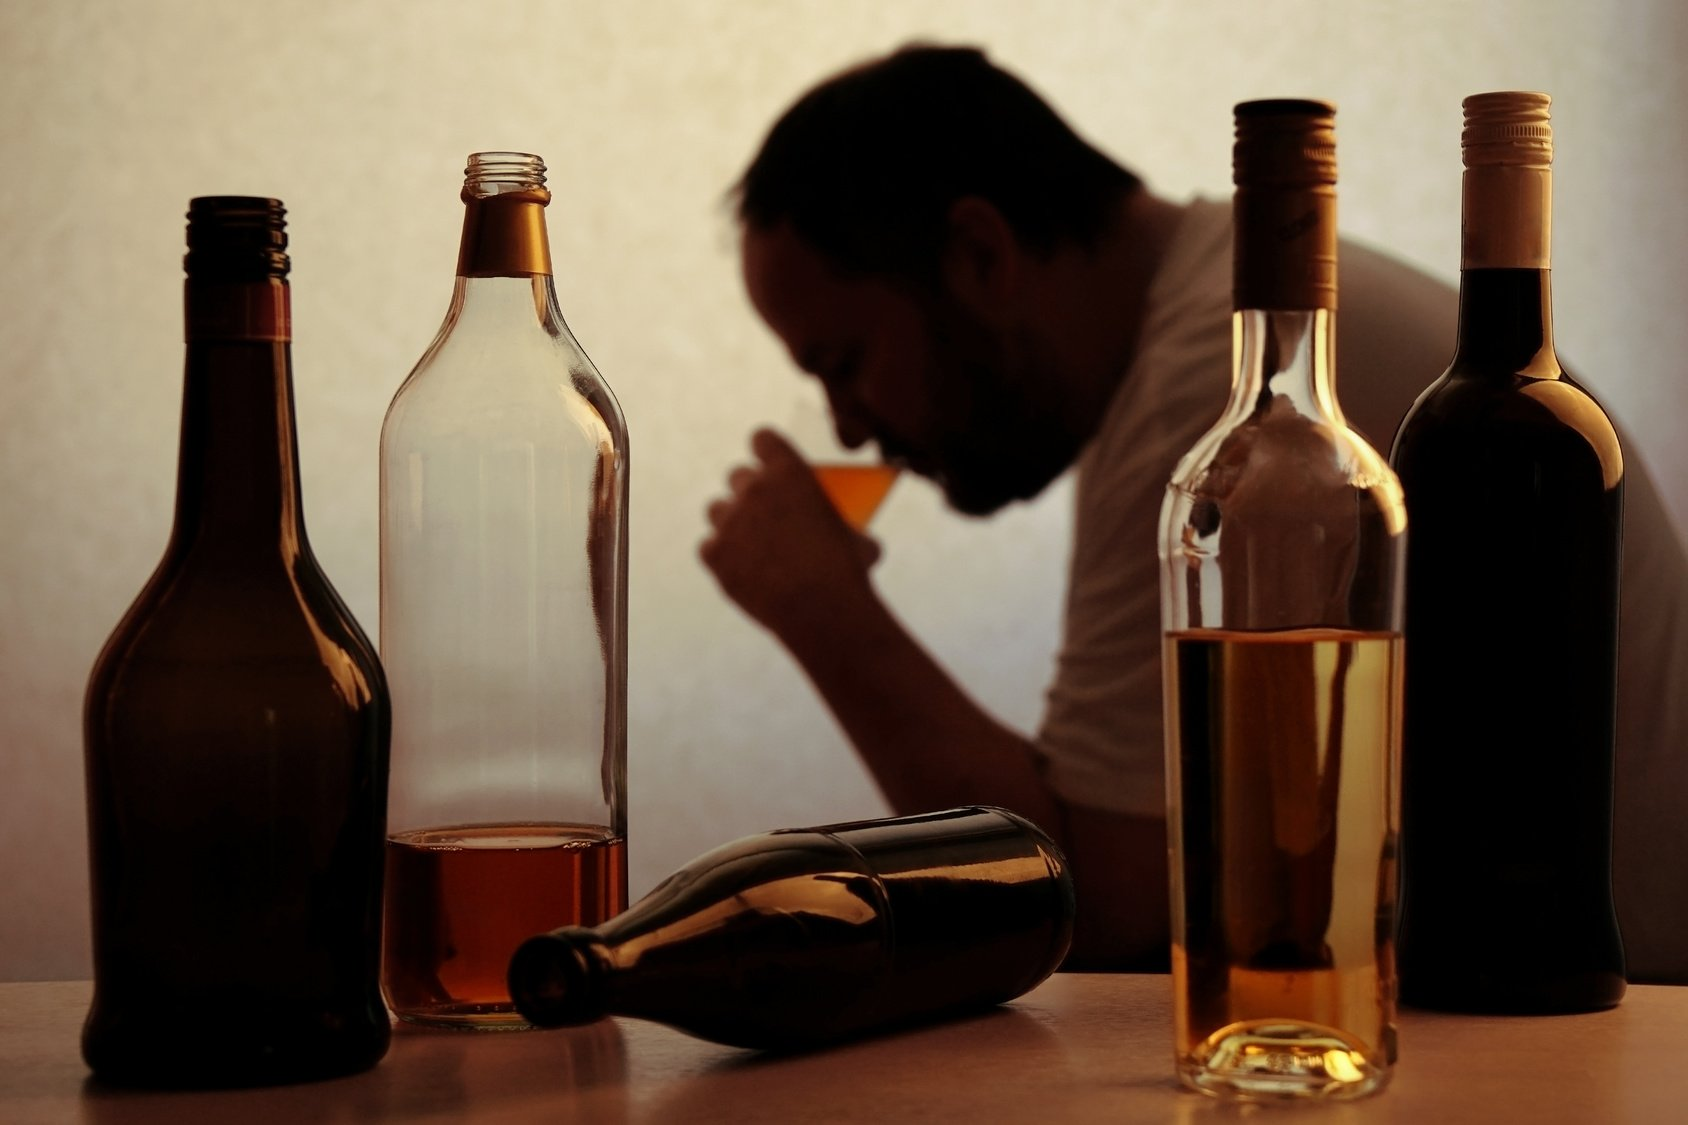 Чиновник города Хельсинки предложил временно прекратить продажу спиртного из-за коронавируса